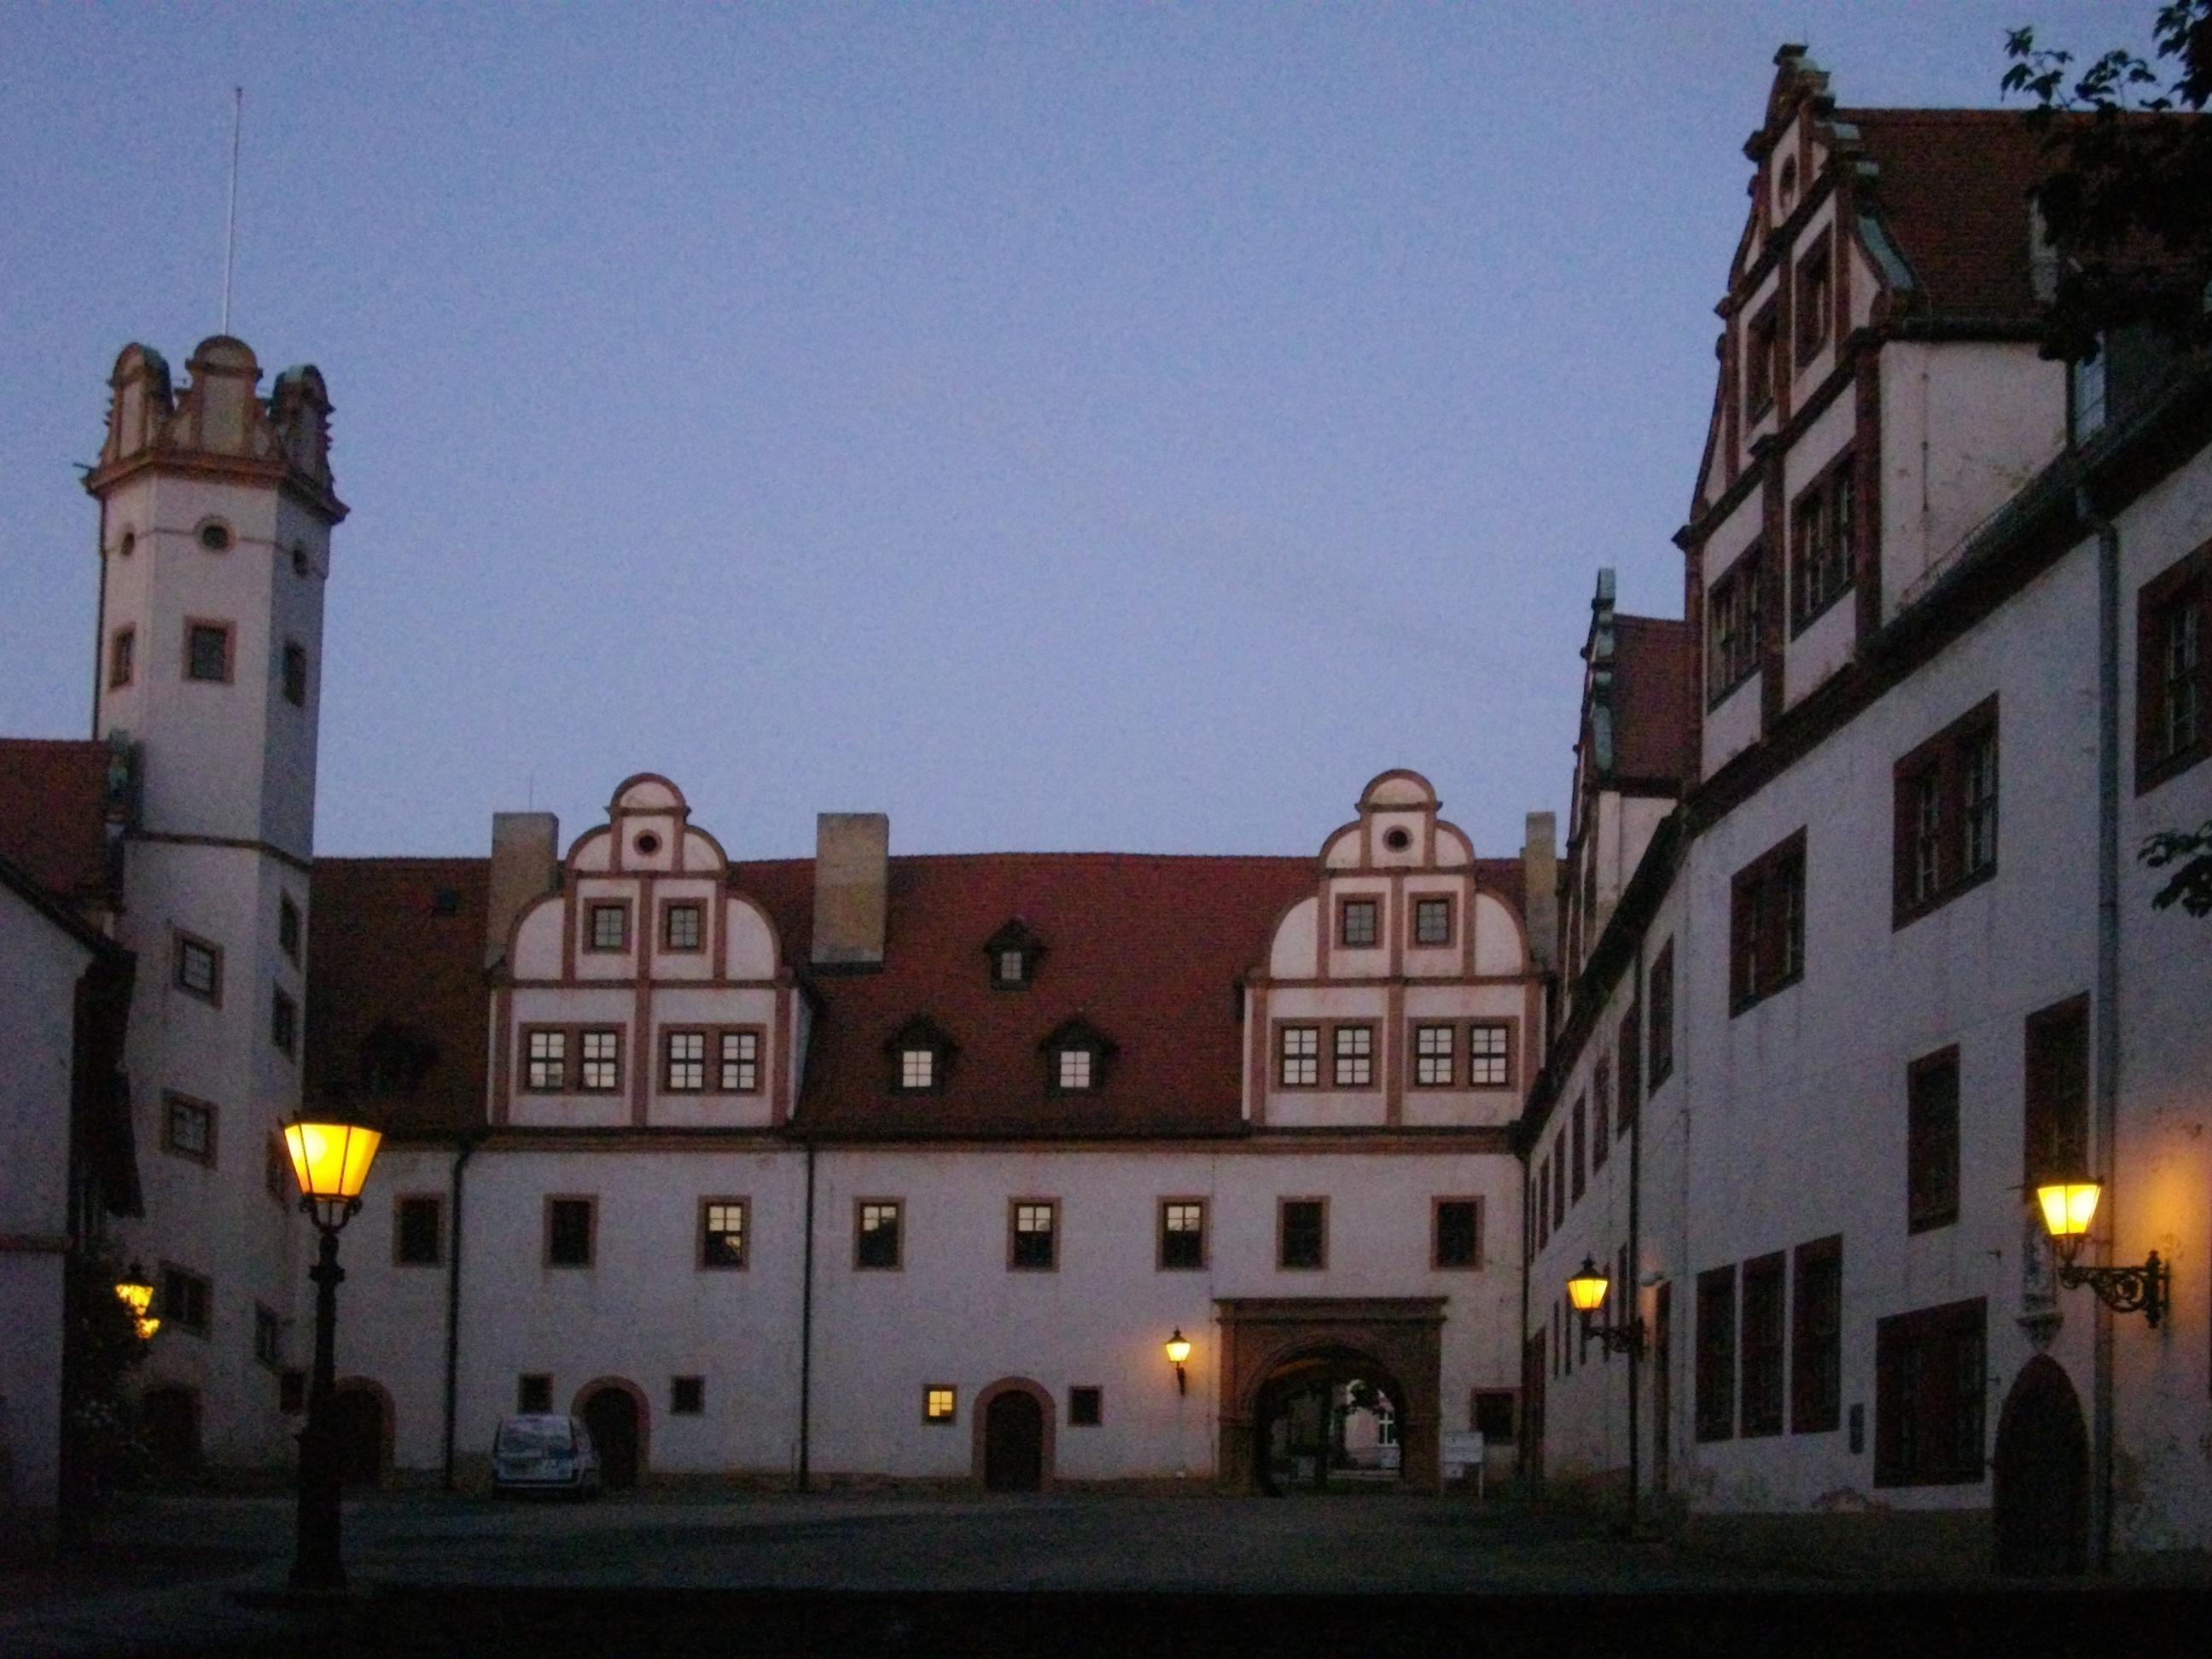 Bild von Zwickau (Landkreis): Innenhof Schloss Forderglauchau